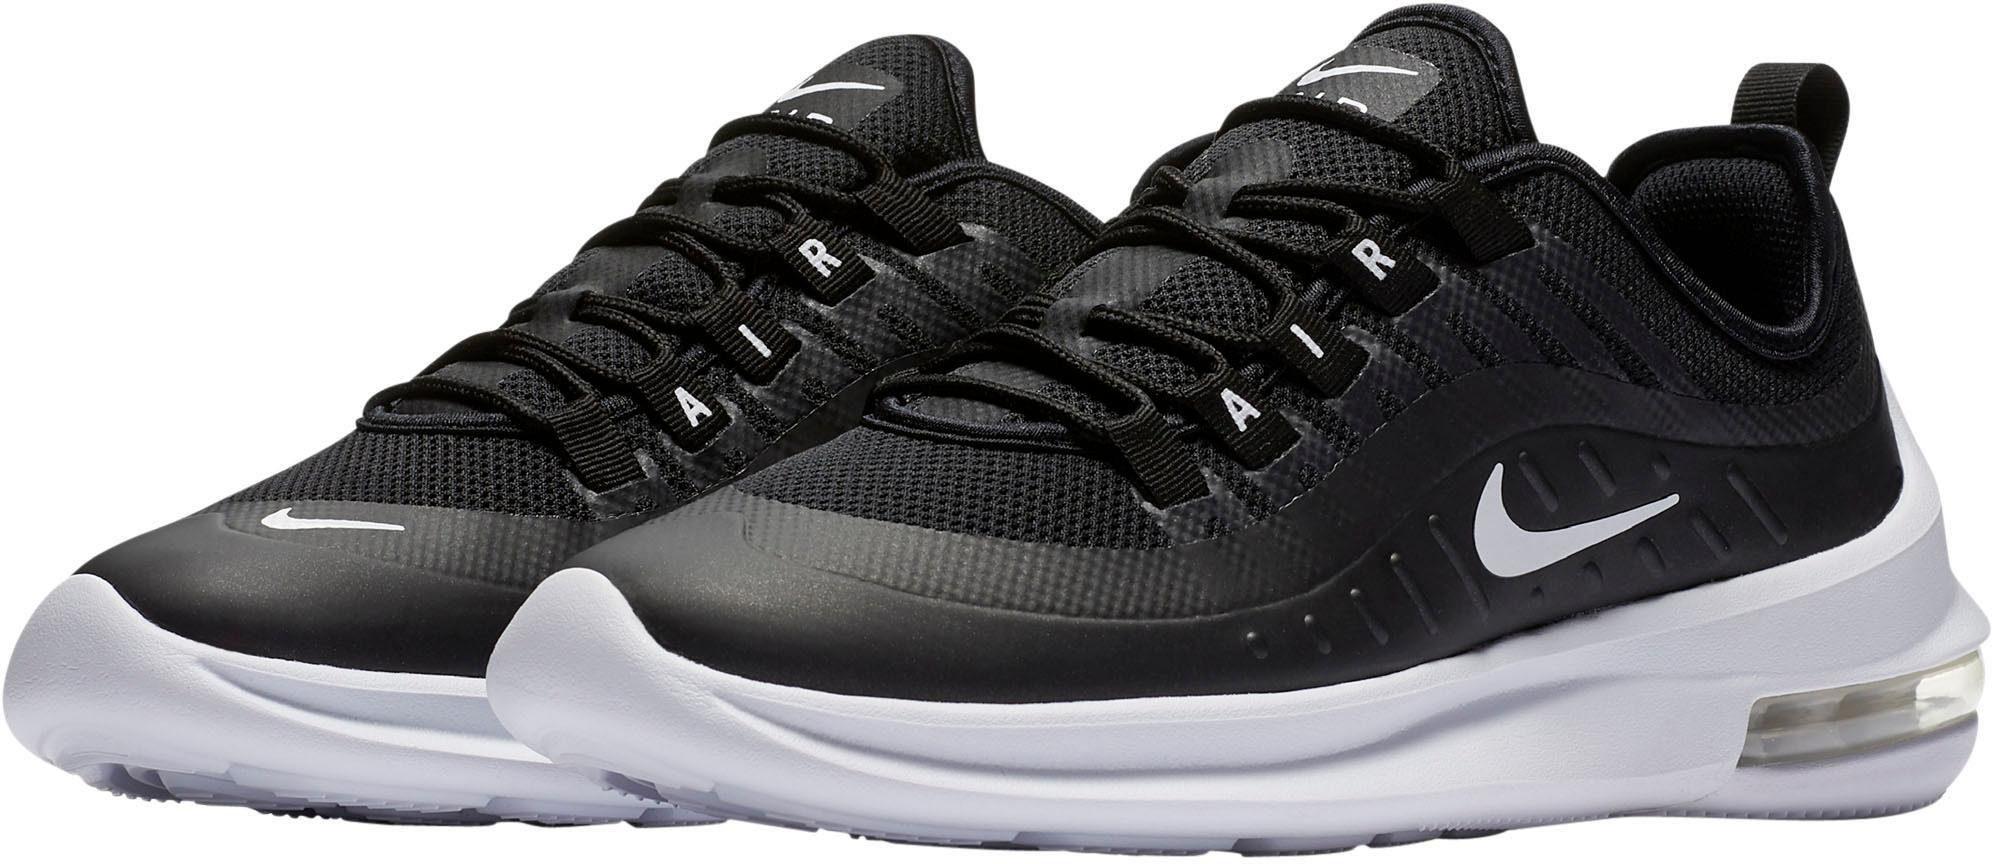 Nike Sportswear Wmns Air Max Axis Sneaker kaufen  schwarz-weiß